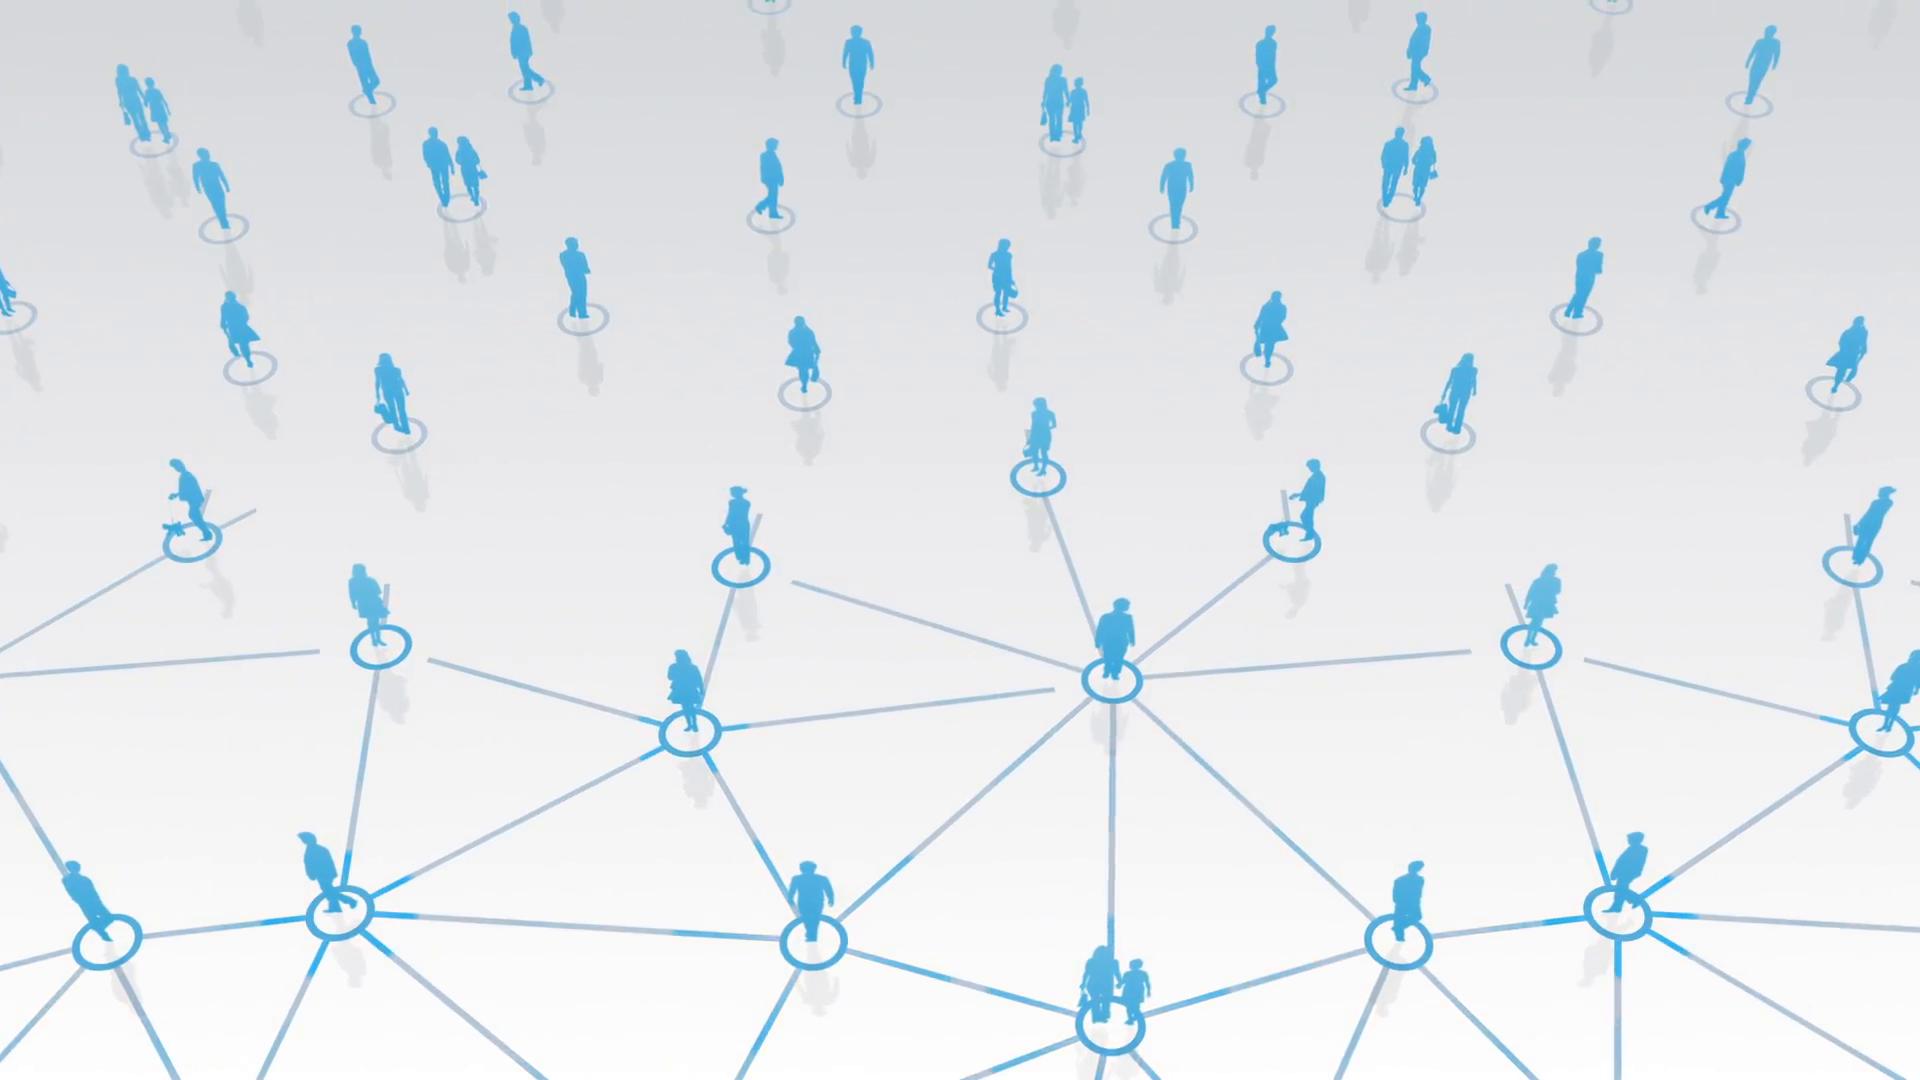 Социальные сети на блокчейне: как заработать на публикациях